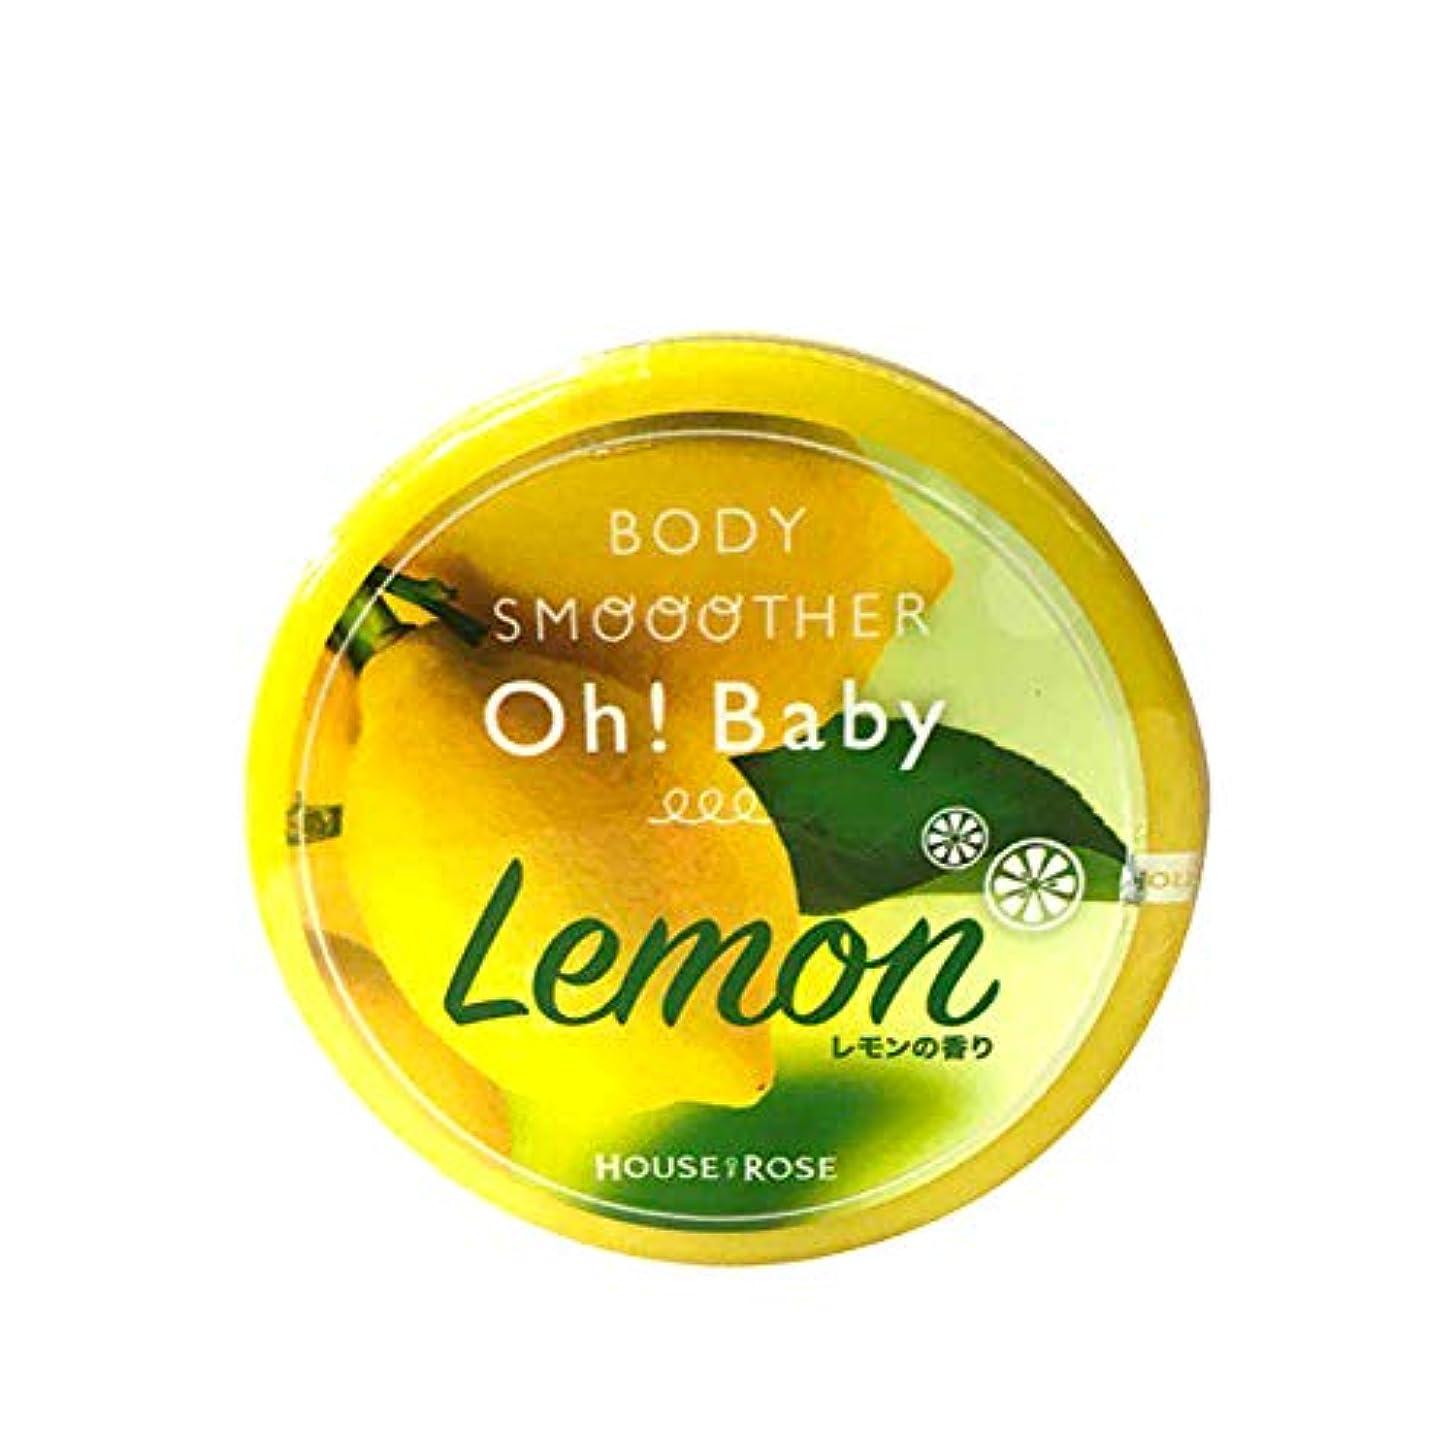 ストリーム副産物到着するHOUSE OF ROSE(ハウスオブローゼ) ハウスオブローゼ/ボディ スムーザー LM(レモンの香り)350g